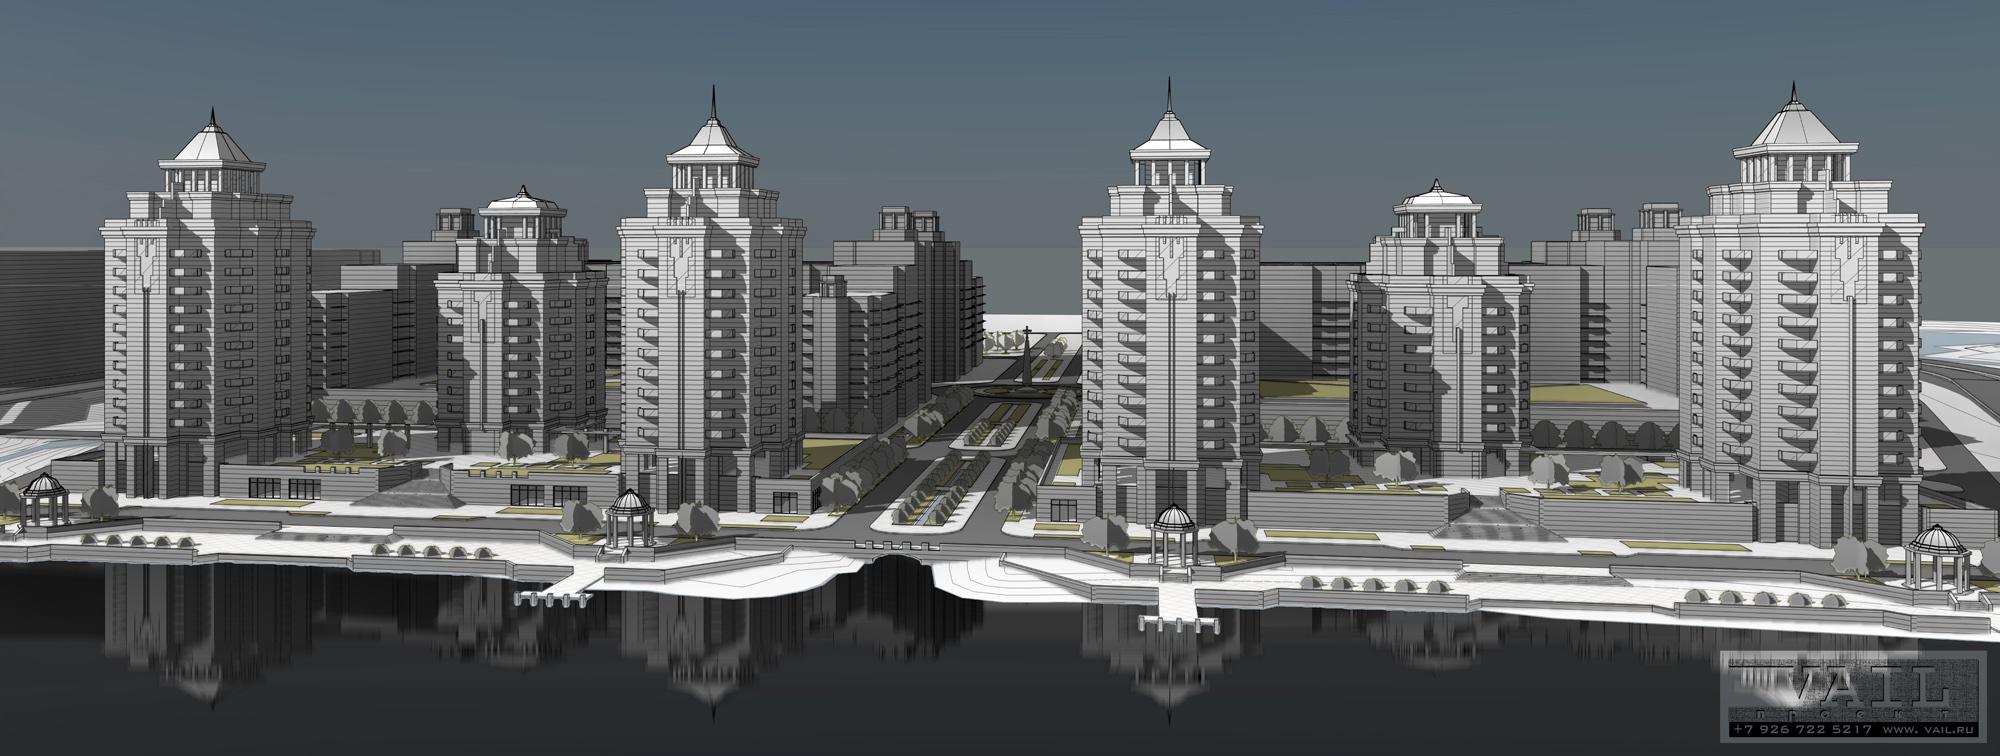 Генплан жилого комплекса в Калининграде. 2013 г.